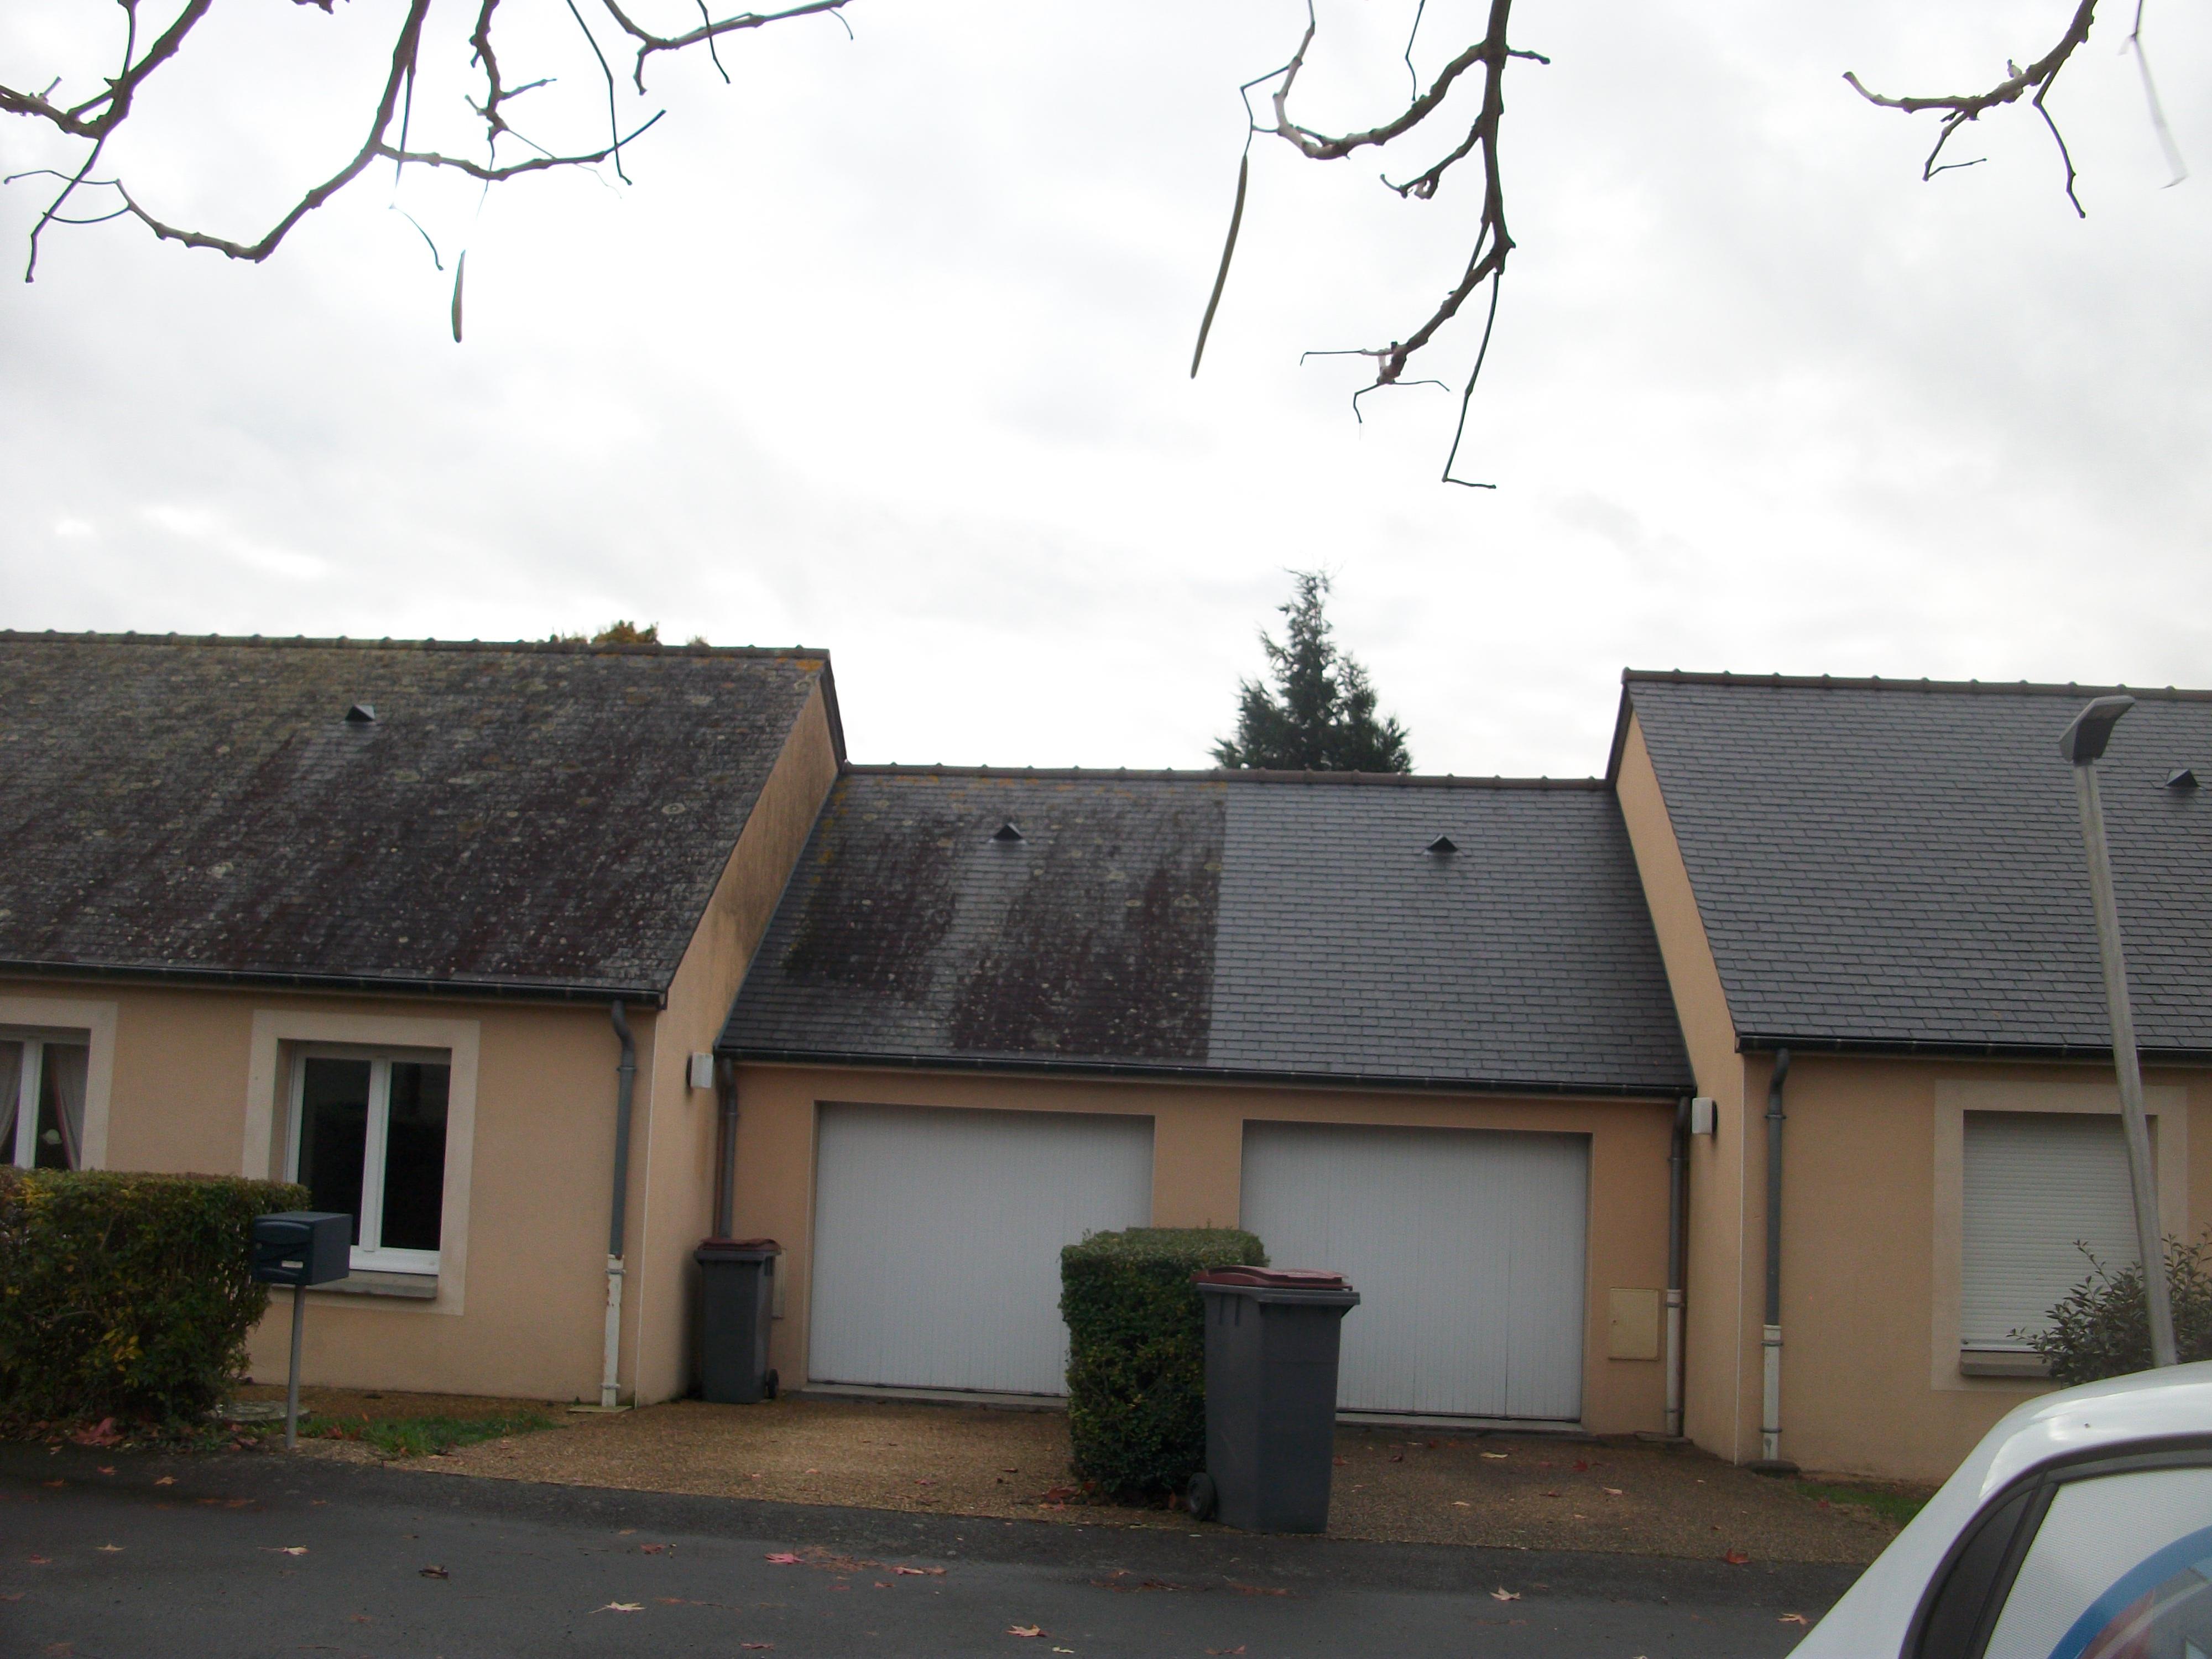 toiture en ardoise ralisation de toiture en ardoise with toiture en ardoise dmoussage toiture. Black Bedroom Furniture Sets. Home Design Ideas